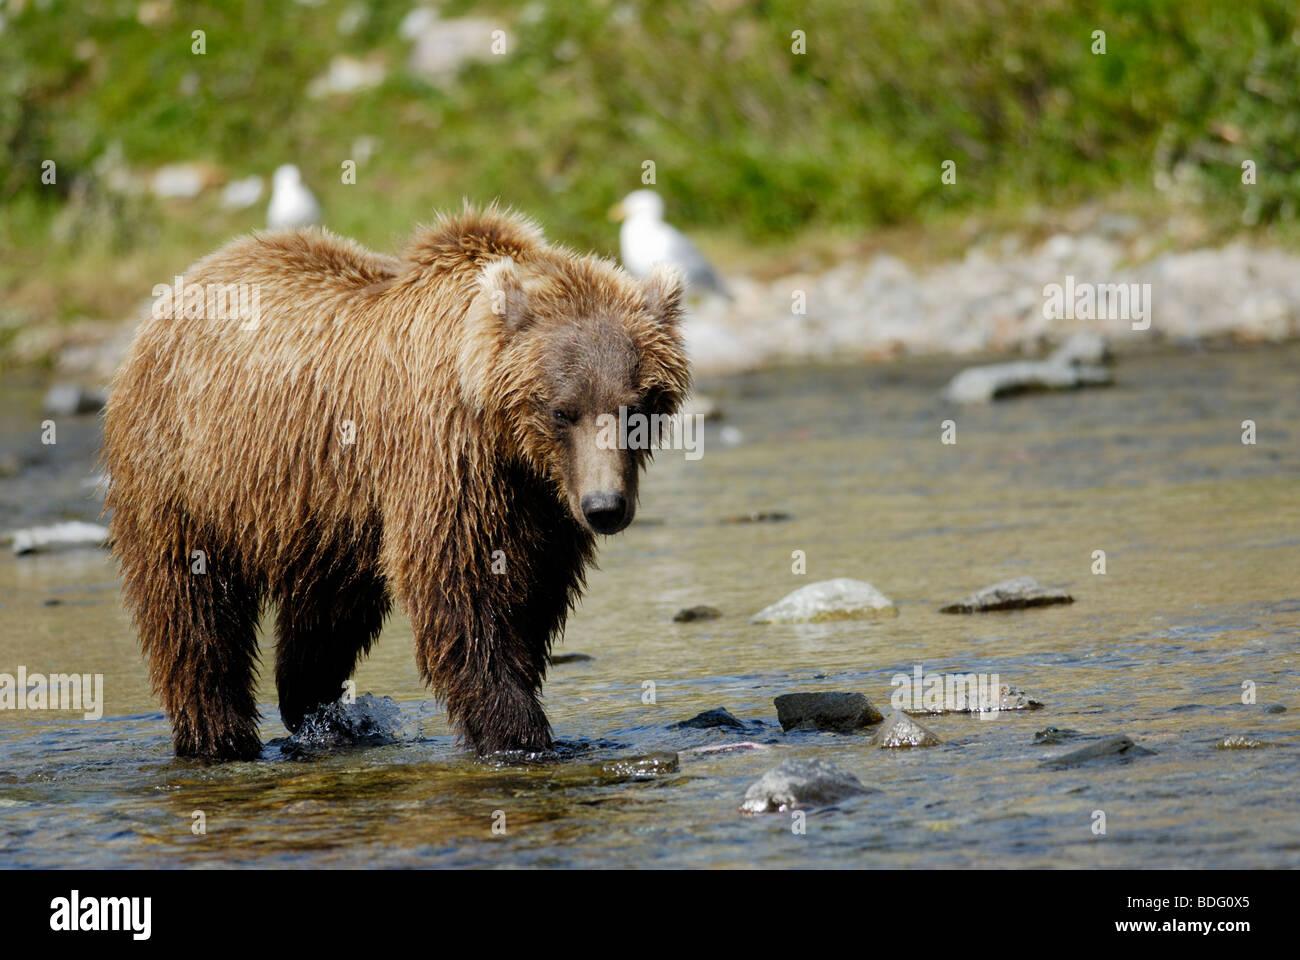 Oso pardo o Grizzly Bear, Ursus arctos horribilis, Parque Nacional Katmai, Alaska Foto de stock